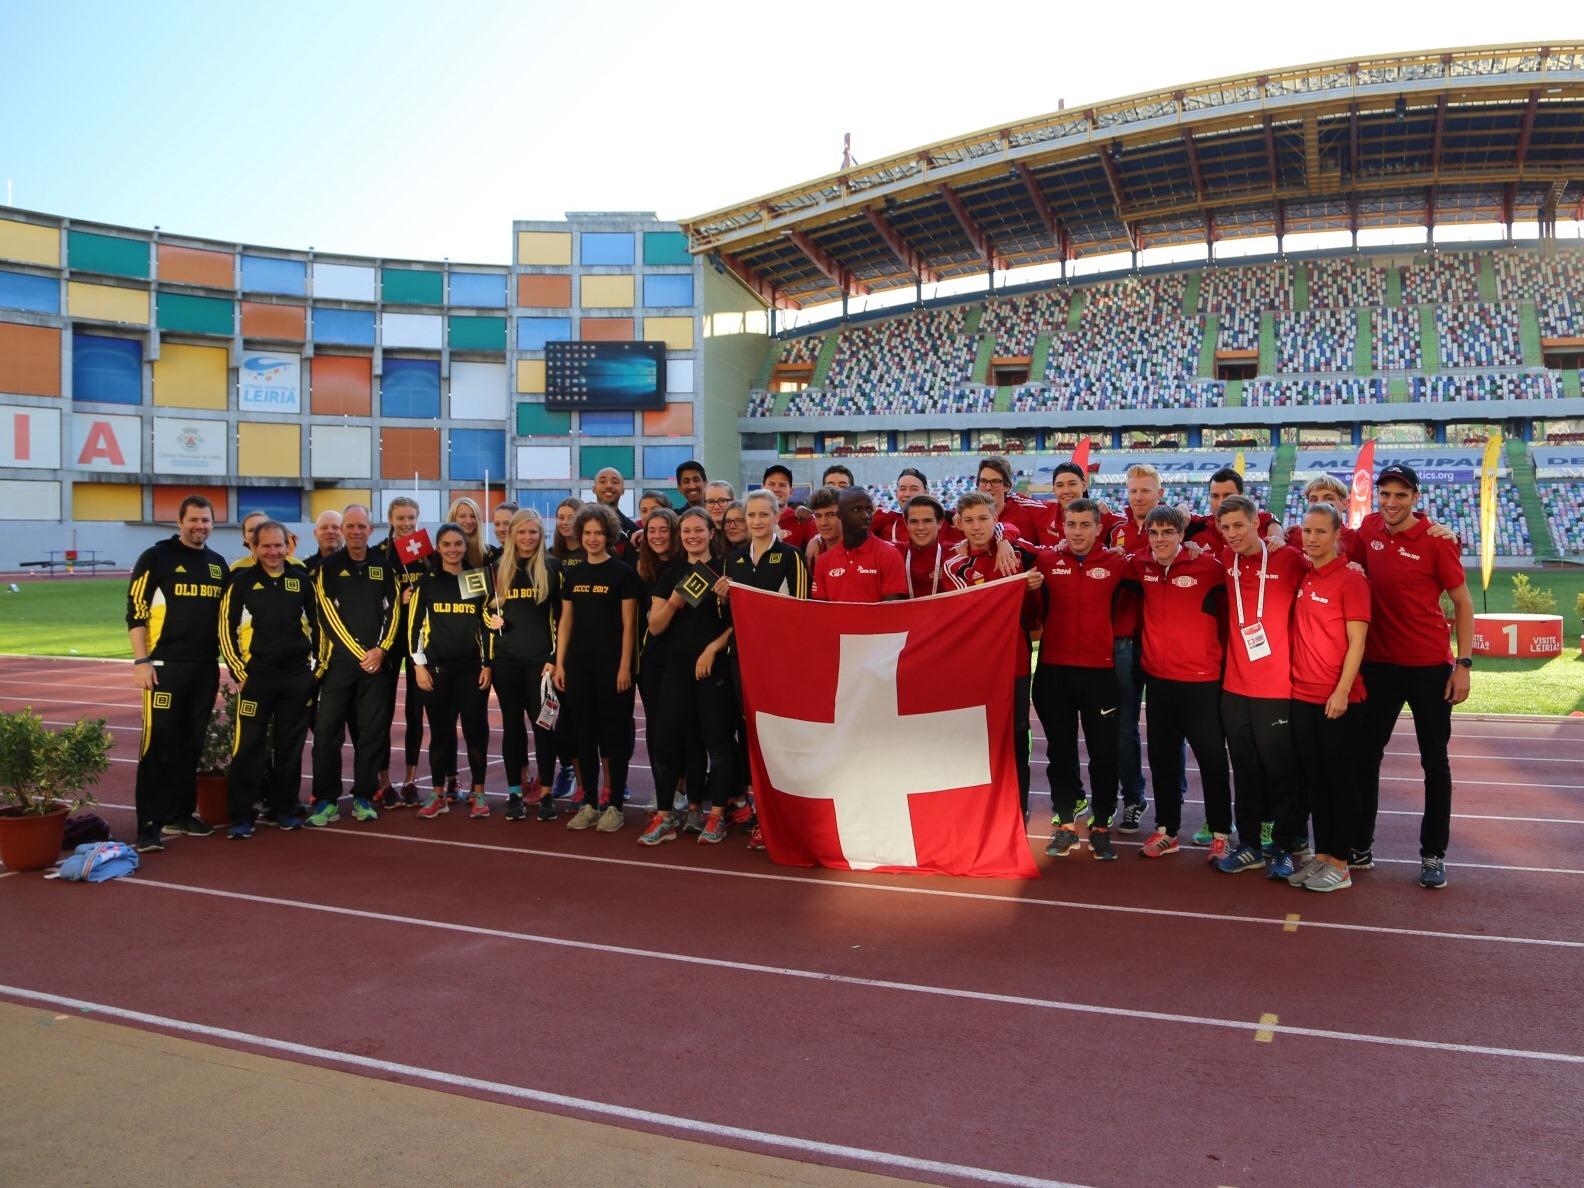 Die Old Boys Basel und die LV Winterthur nach ihren Einsätzen am U20-Vereins-Europacup in Leiria 2017